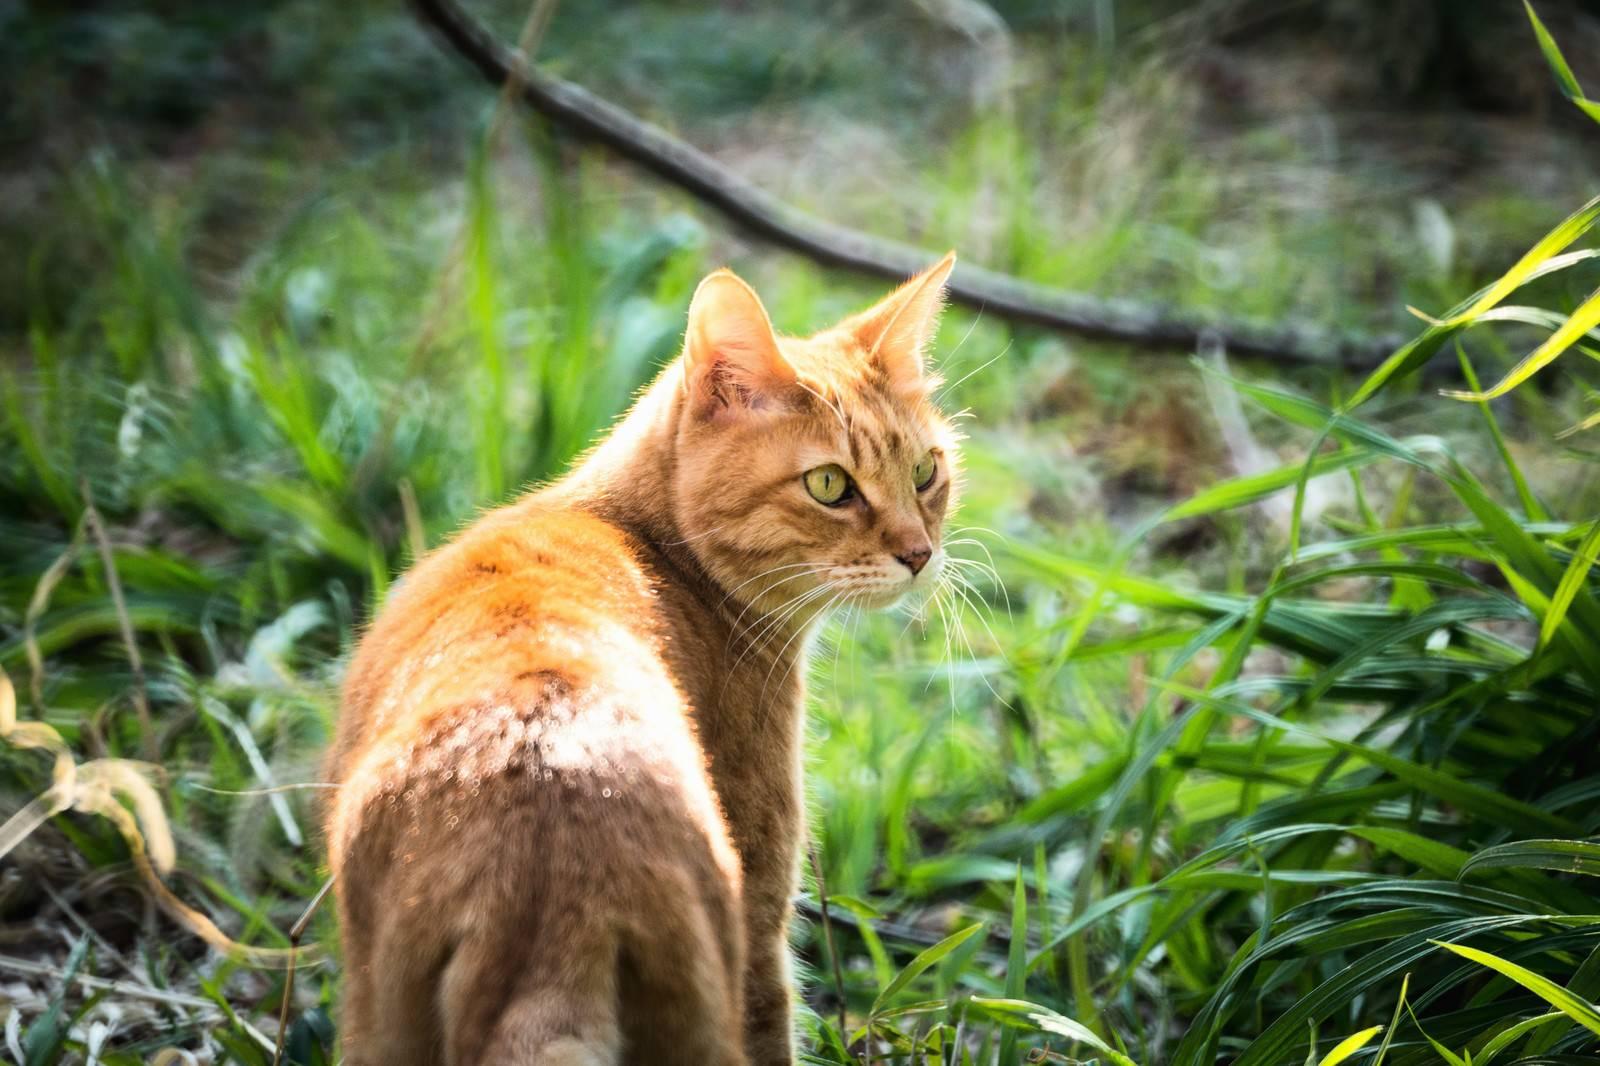 「振り返る猫振り返る猫」のフリー写真素材を拡大